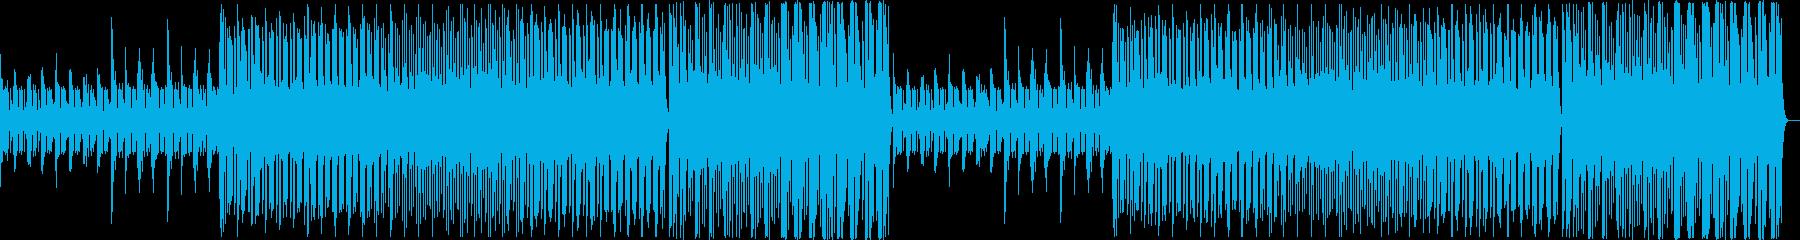 【チル】ゆったりとしたBGM・10の再生済みの波形